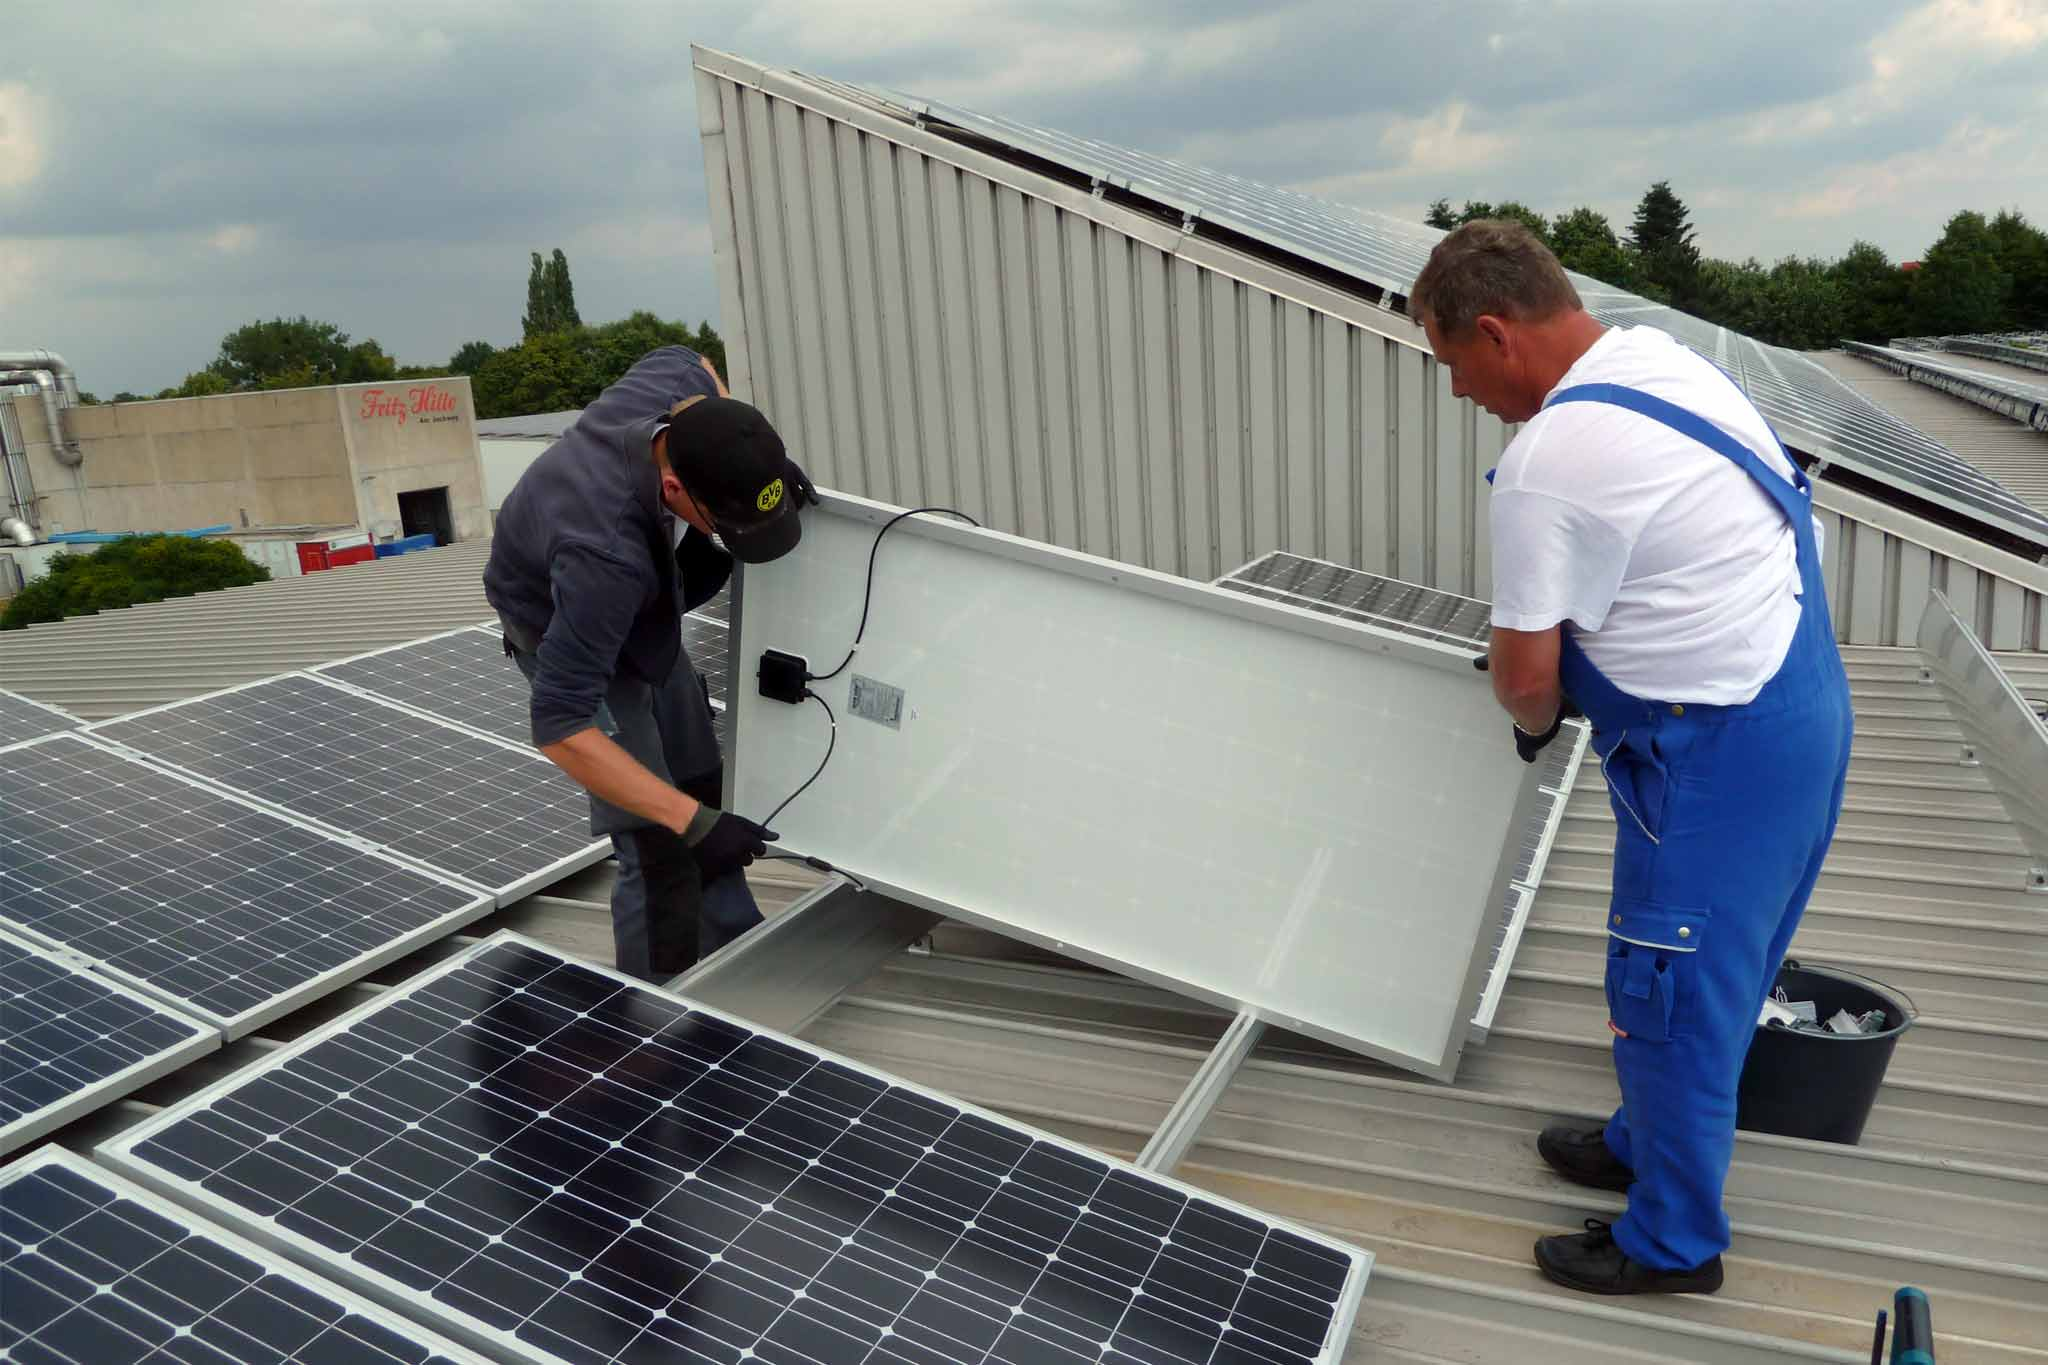 Personen beim Montieren einer Photovoltaik-Anlage